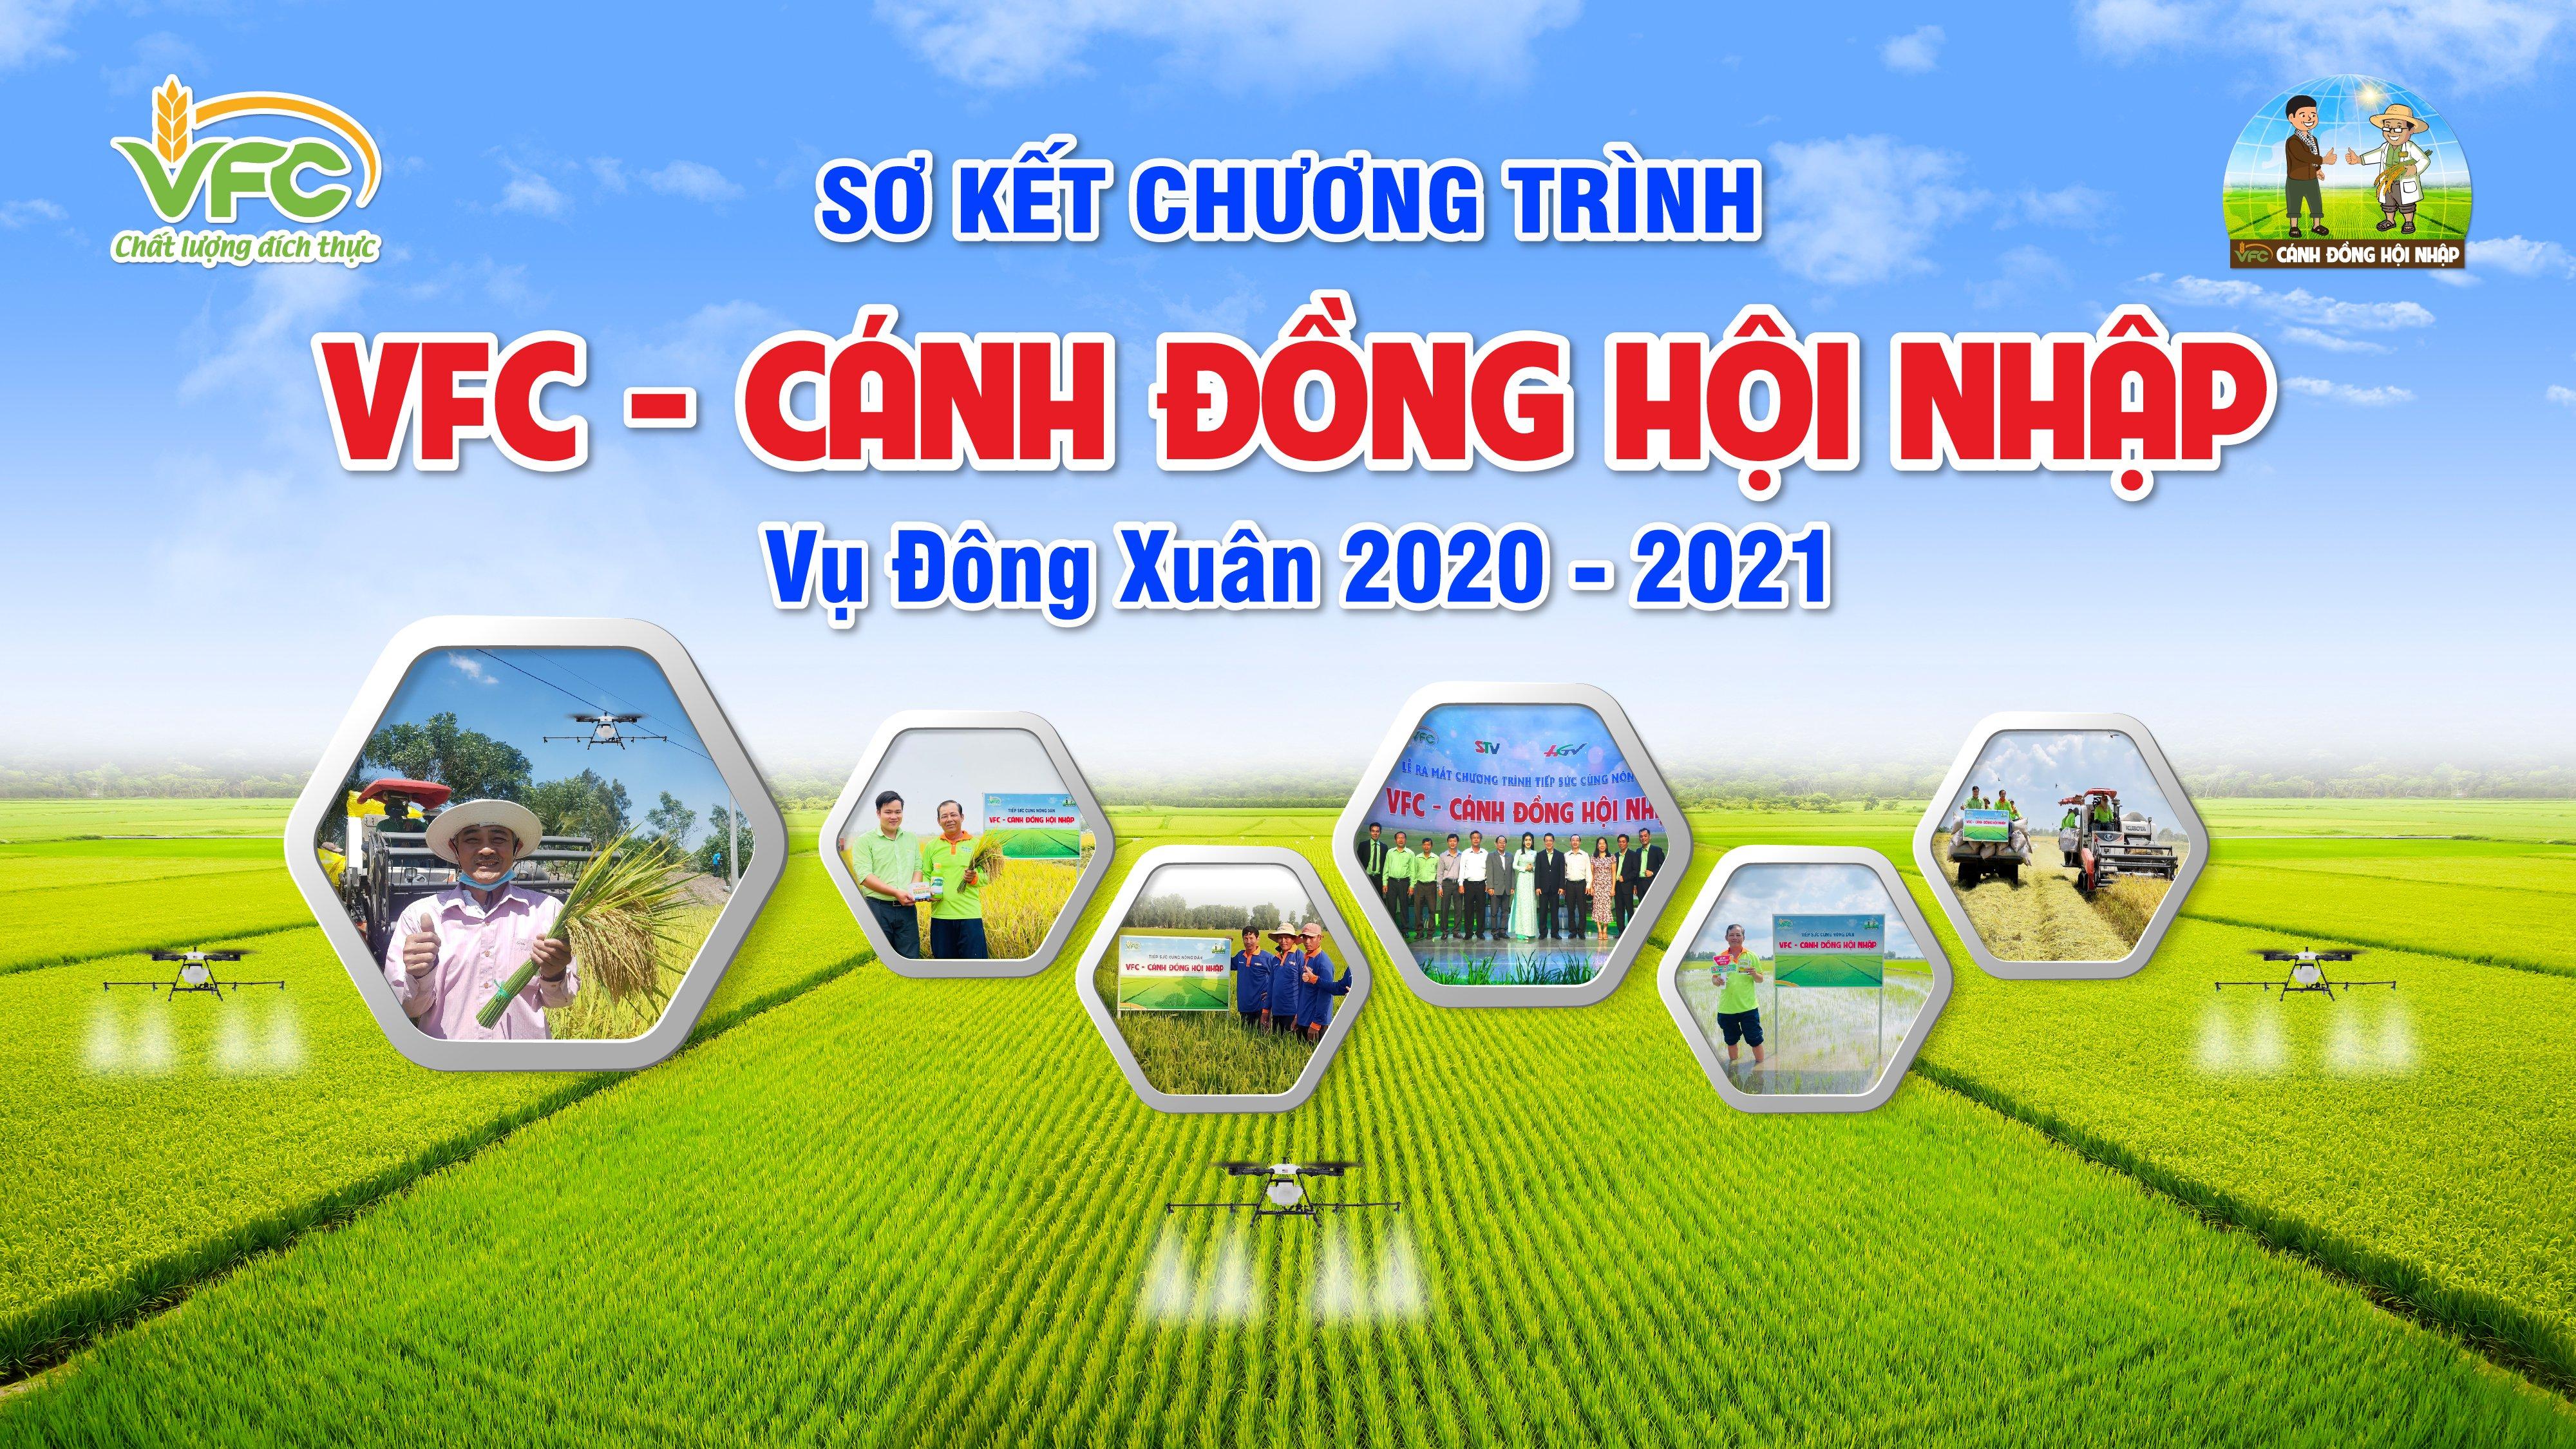 SƠ KẾT CHƯƠNG TRÌNH TSCND VFC - CÁNH ĐỒNG HỘI NHẬP VỤ ĐÔNG XUÂN 2020 - 2021